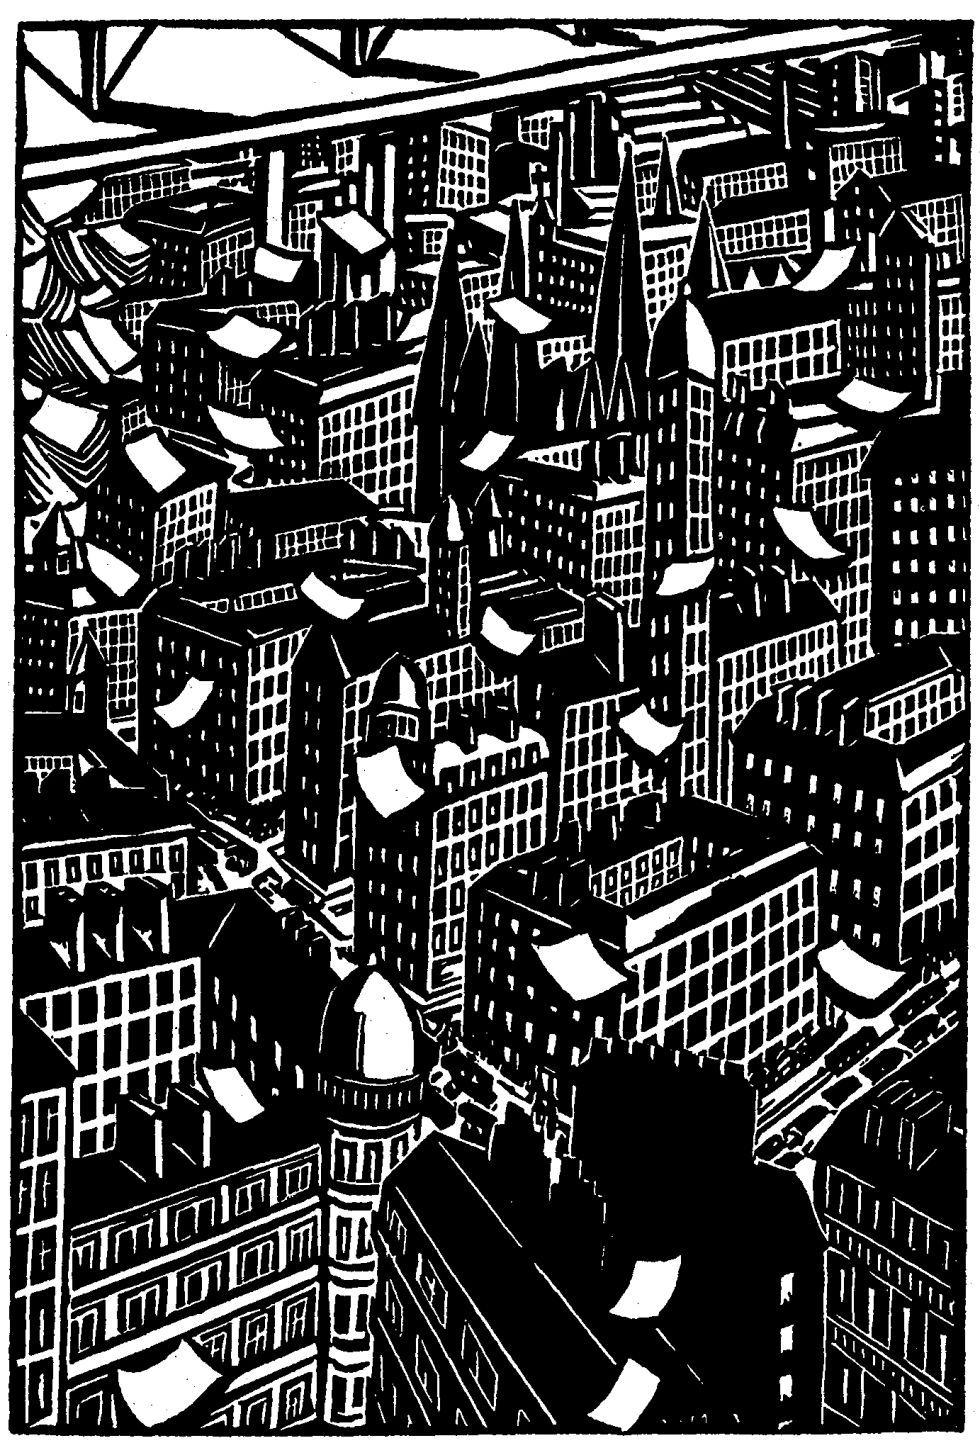 Paco Roca, Premio Nacional de Cómic en 2008 por su obra 'Arrugas', construye para EL PAÍS un microrrelato de ficción en seis partes, a partir de seis de las ilustraciones incluidas en el libro 'La ciudad', de Frans Masereel